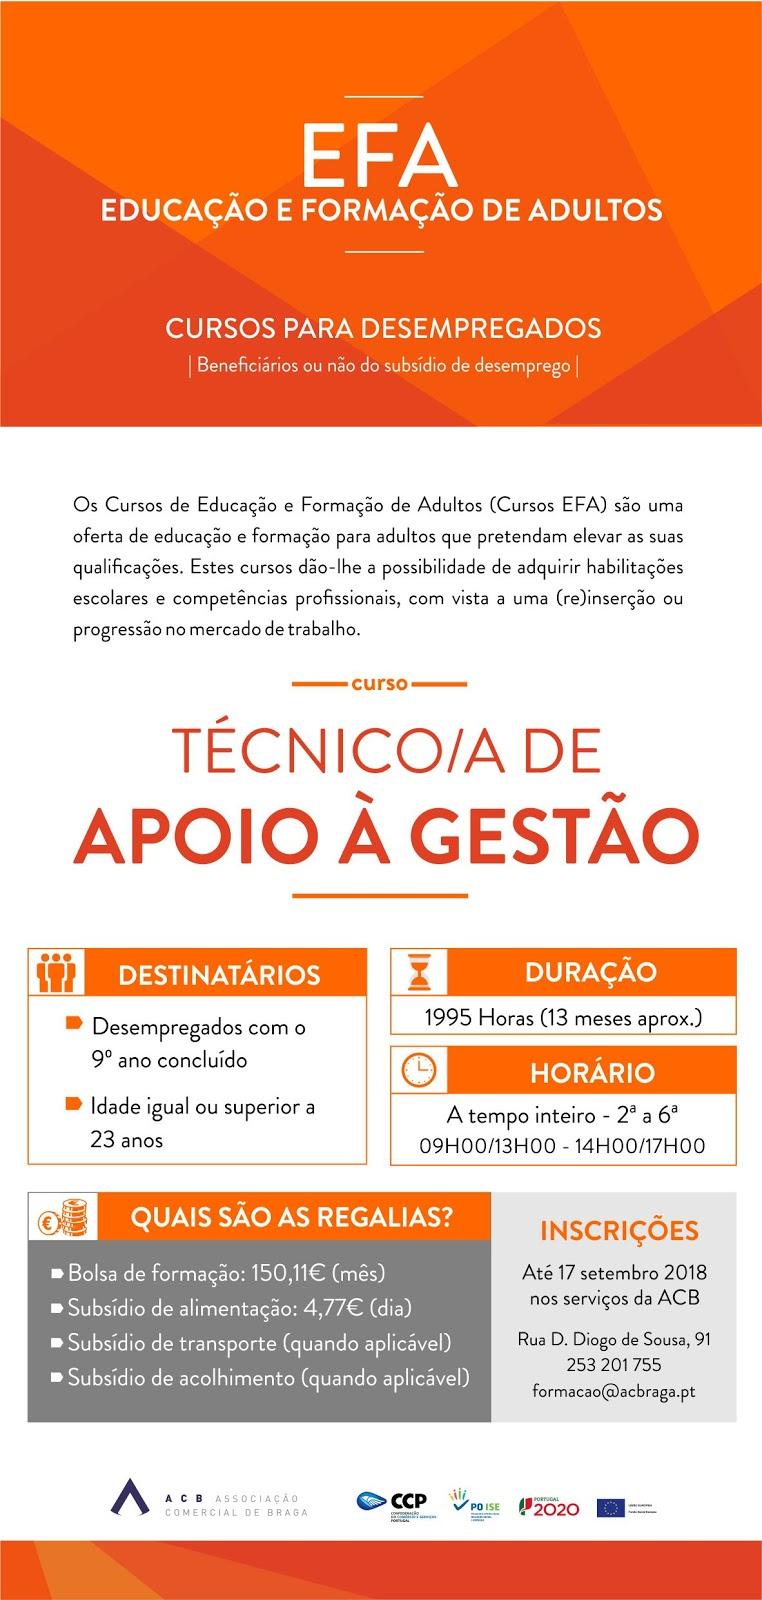 Cursos efa financiados em Braga para 2018